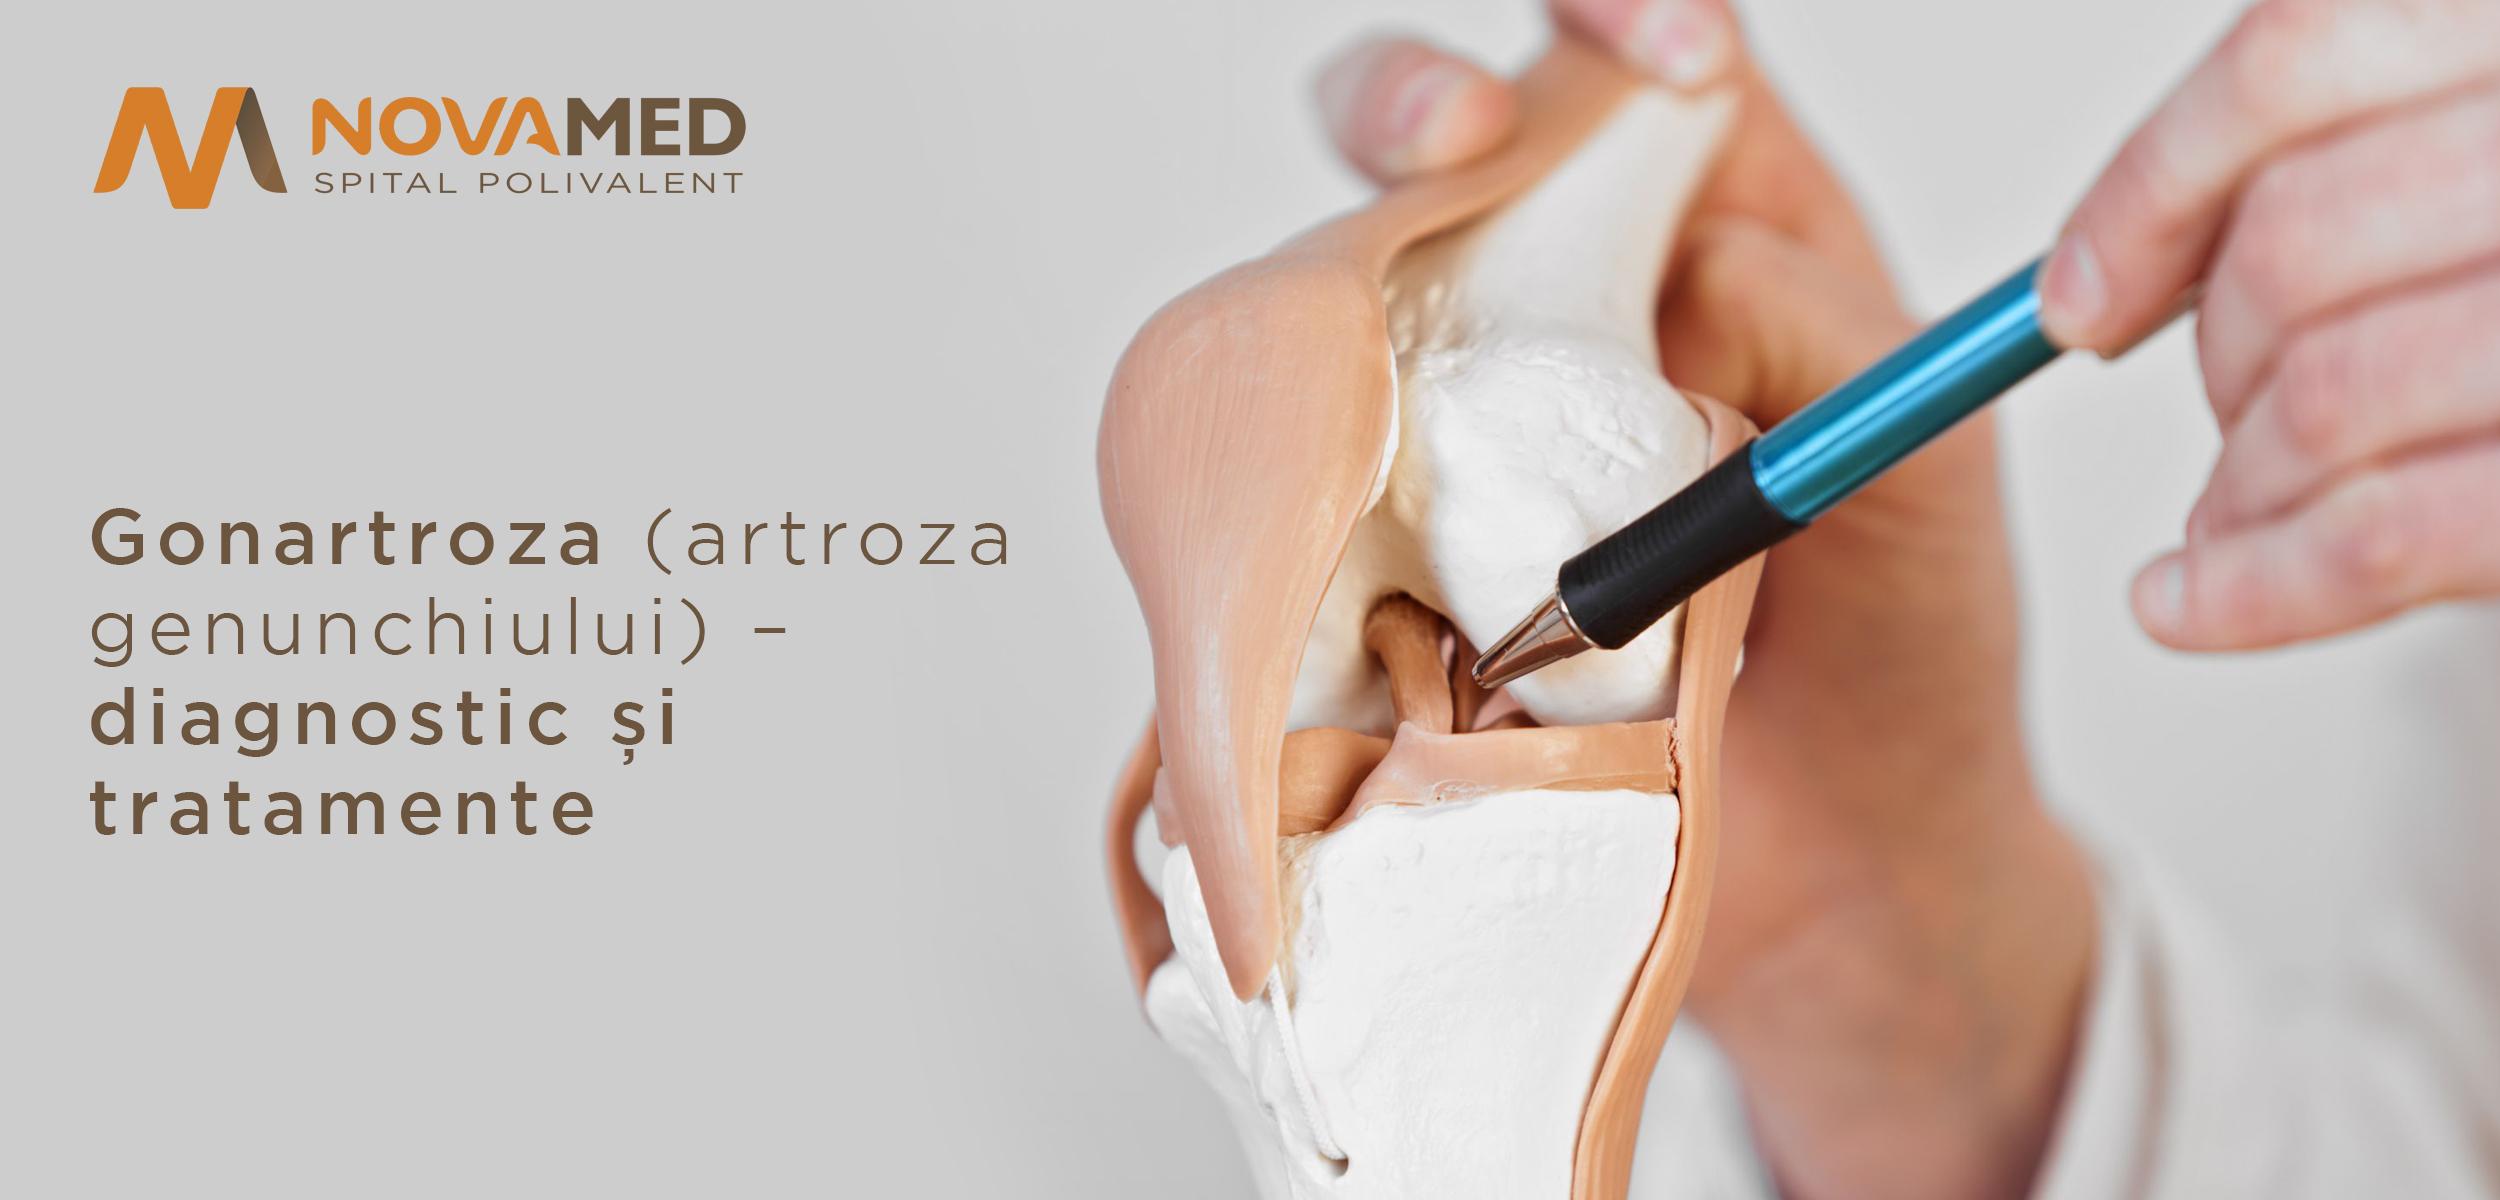 medicamente nesteroidiene pentru tratamentul artrozei genunchiului)